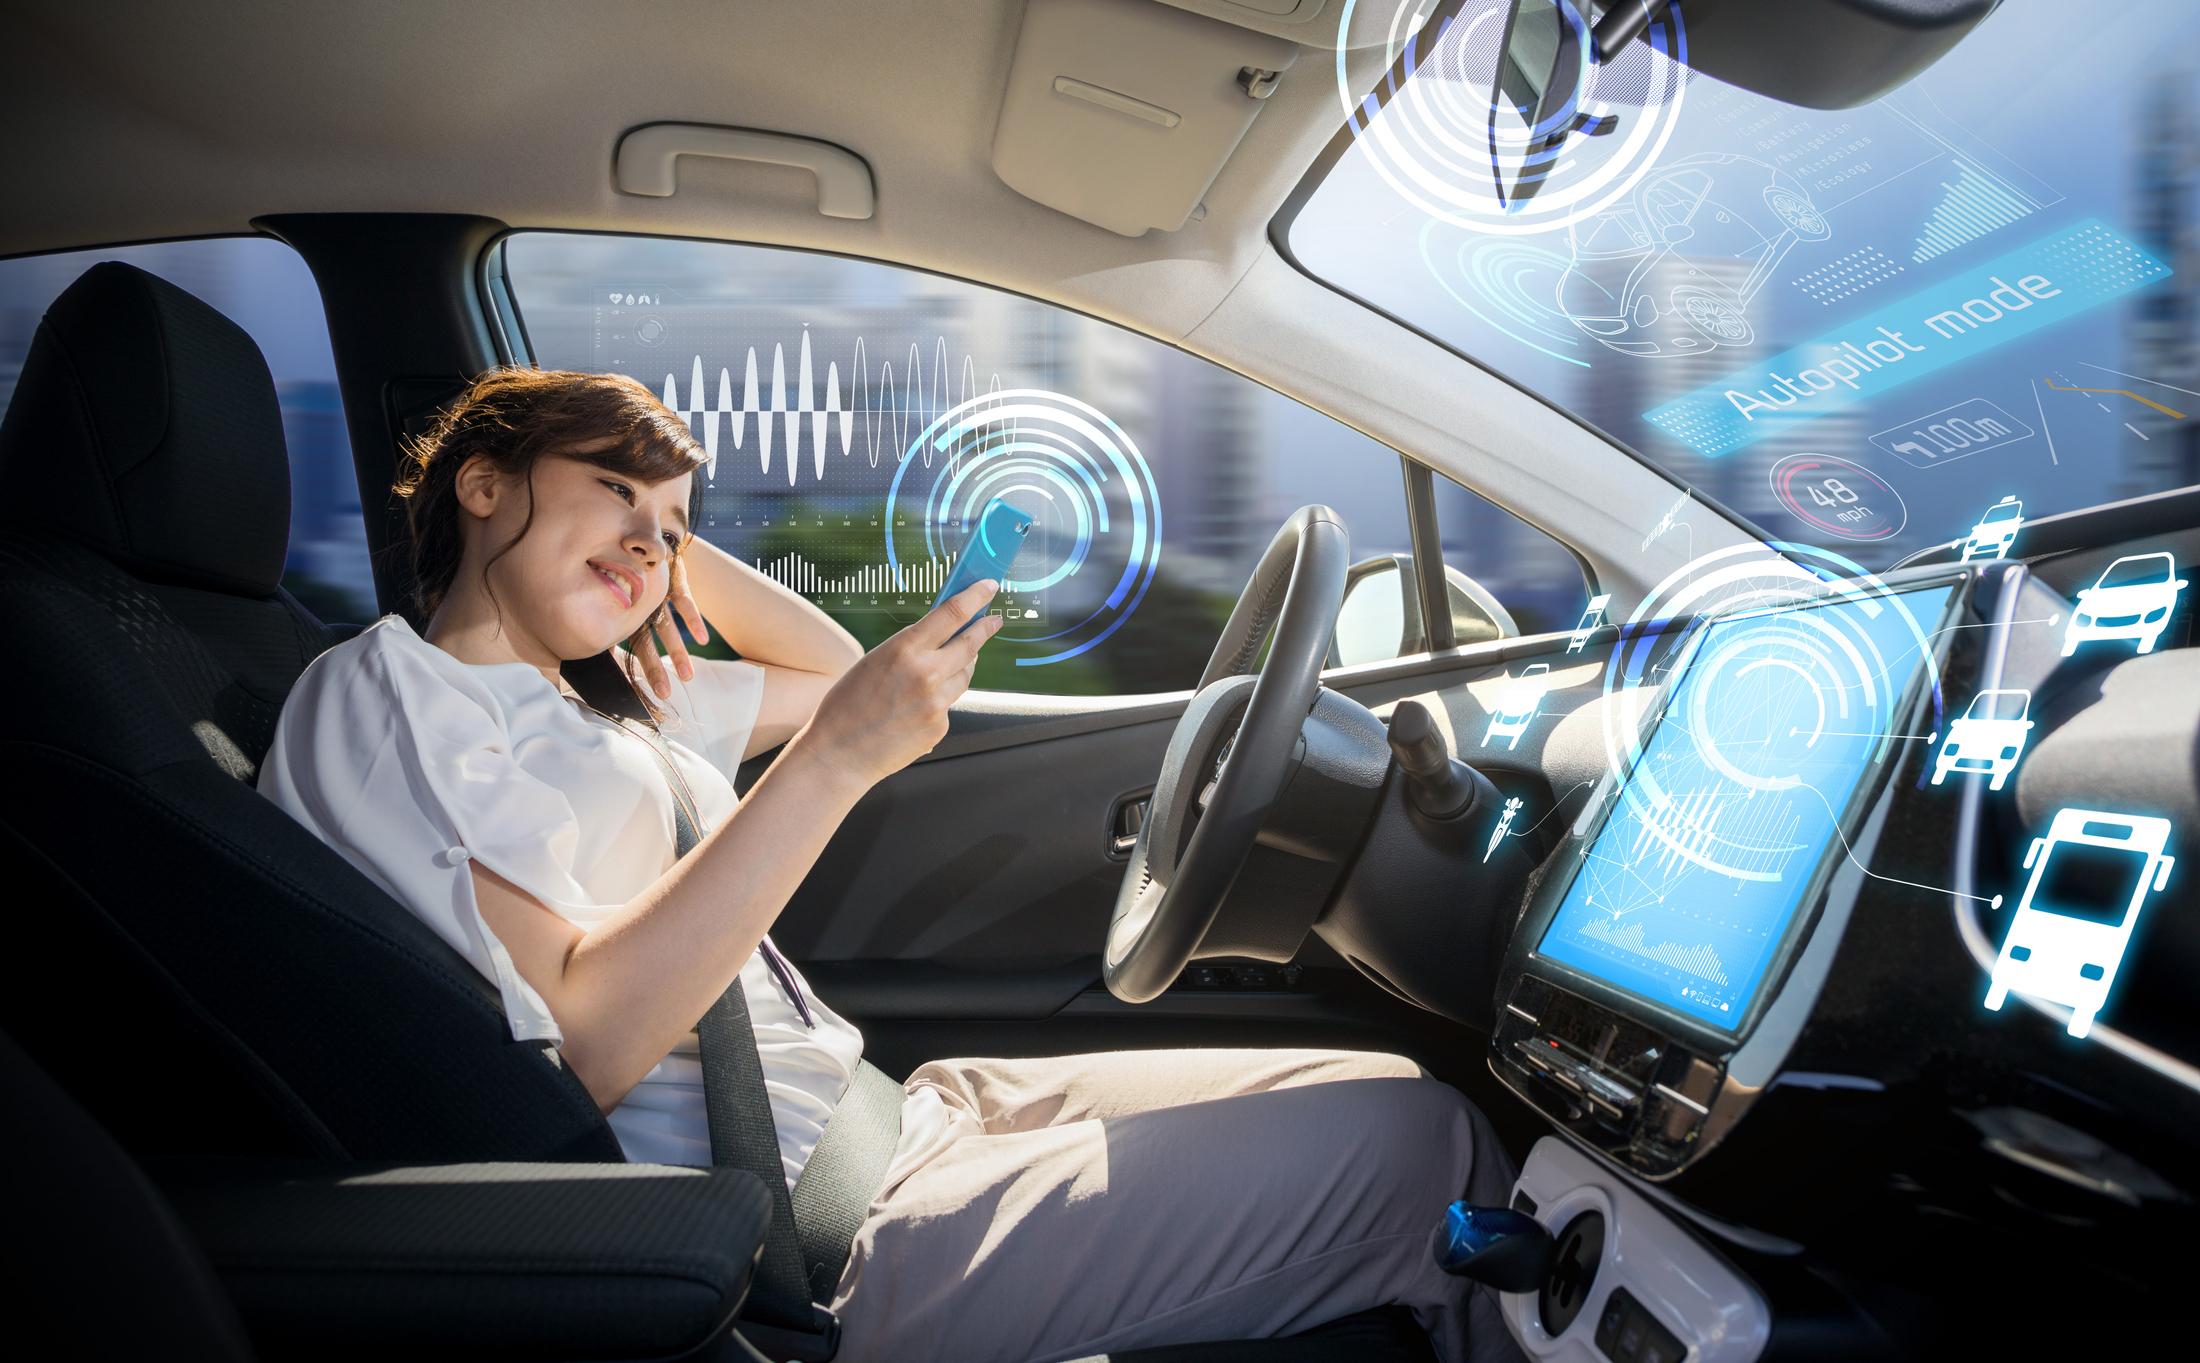 H Thales αναπτύσσει λύσεις κυβερνοασφάλειας για τα αυτοκίνητα του μέλλοντος